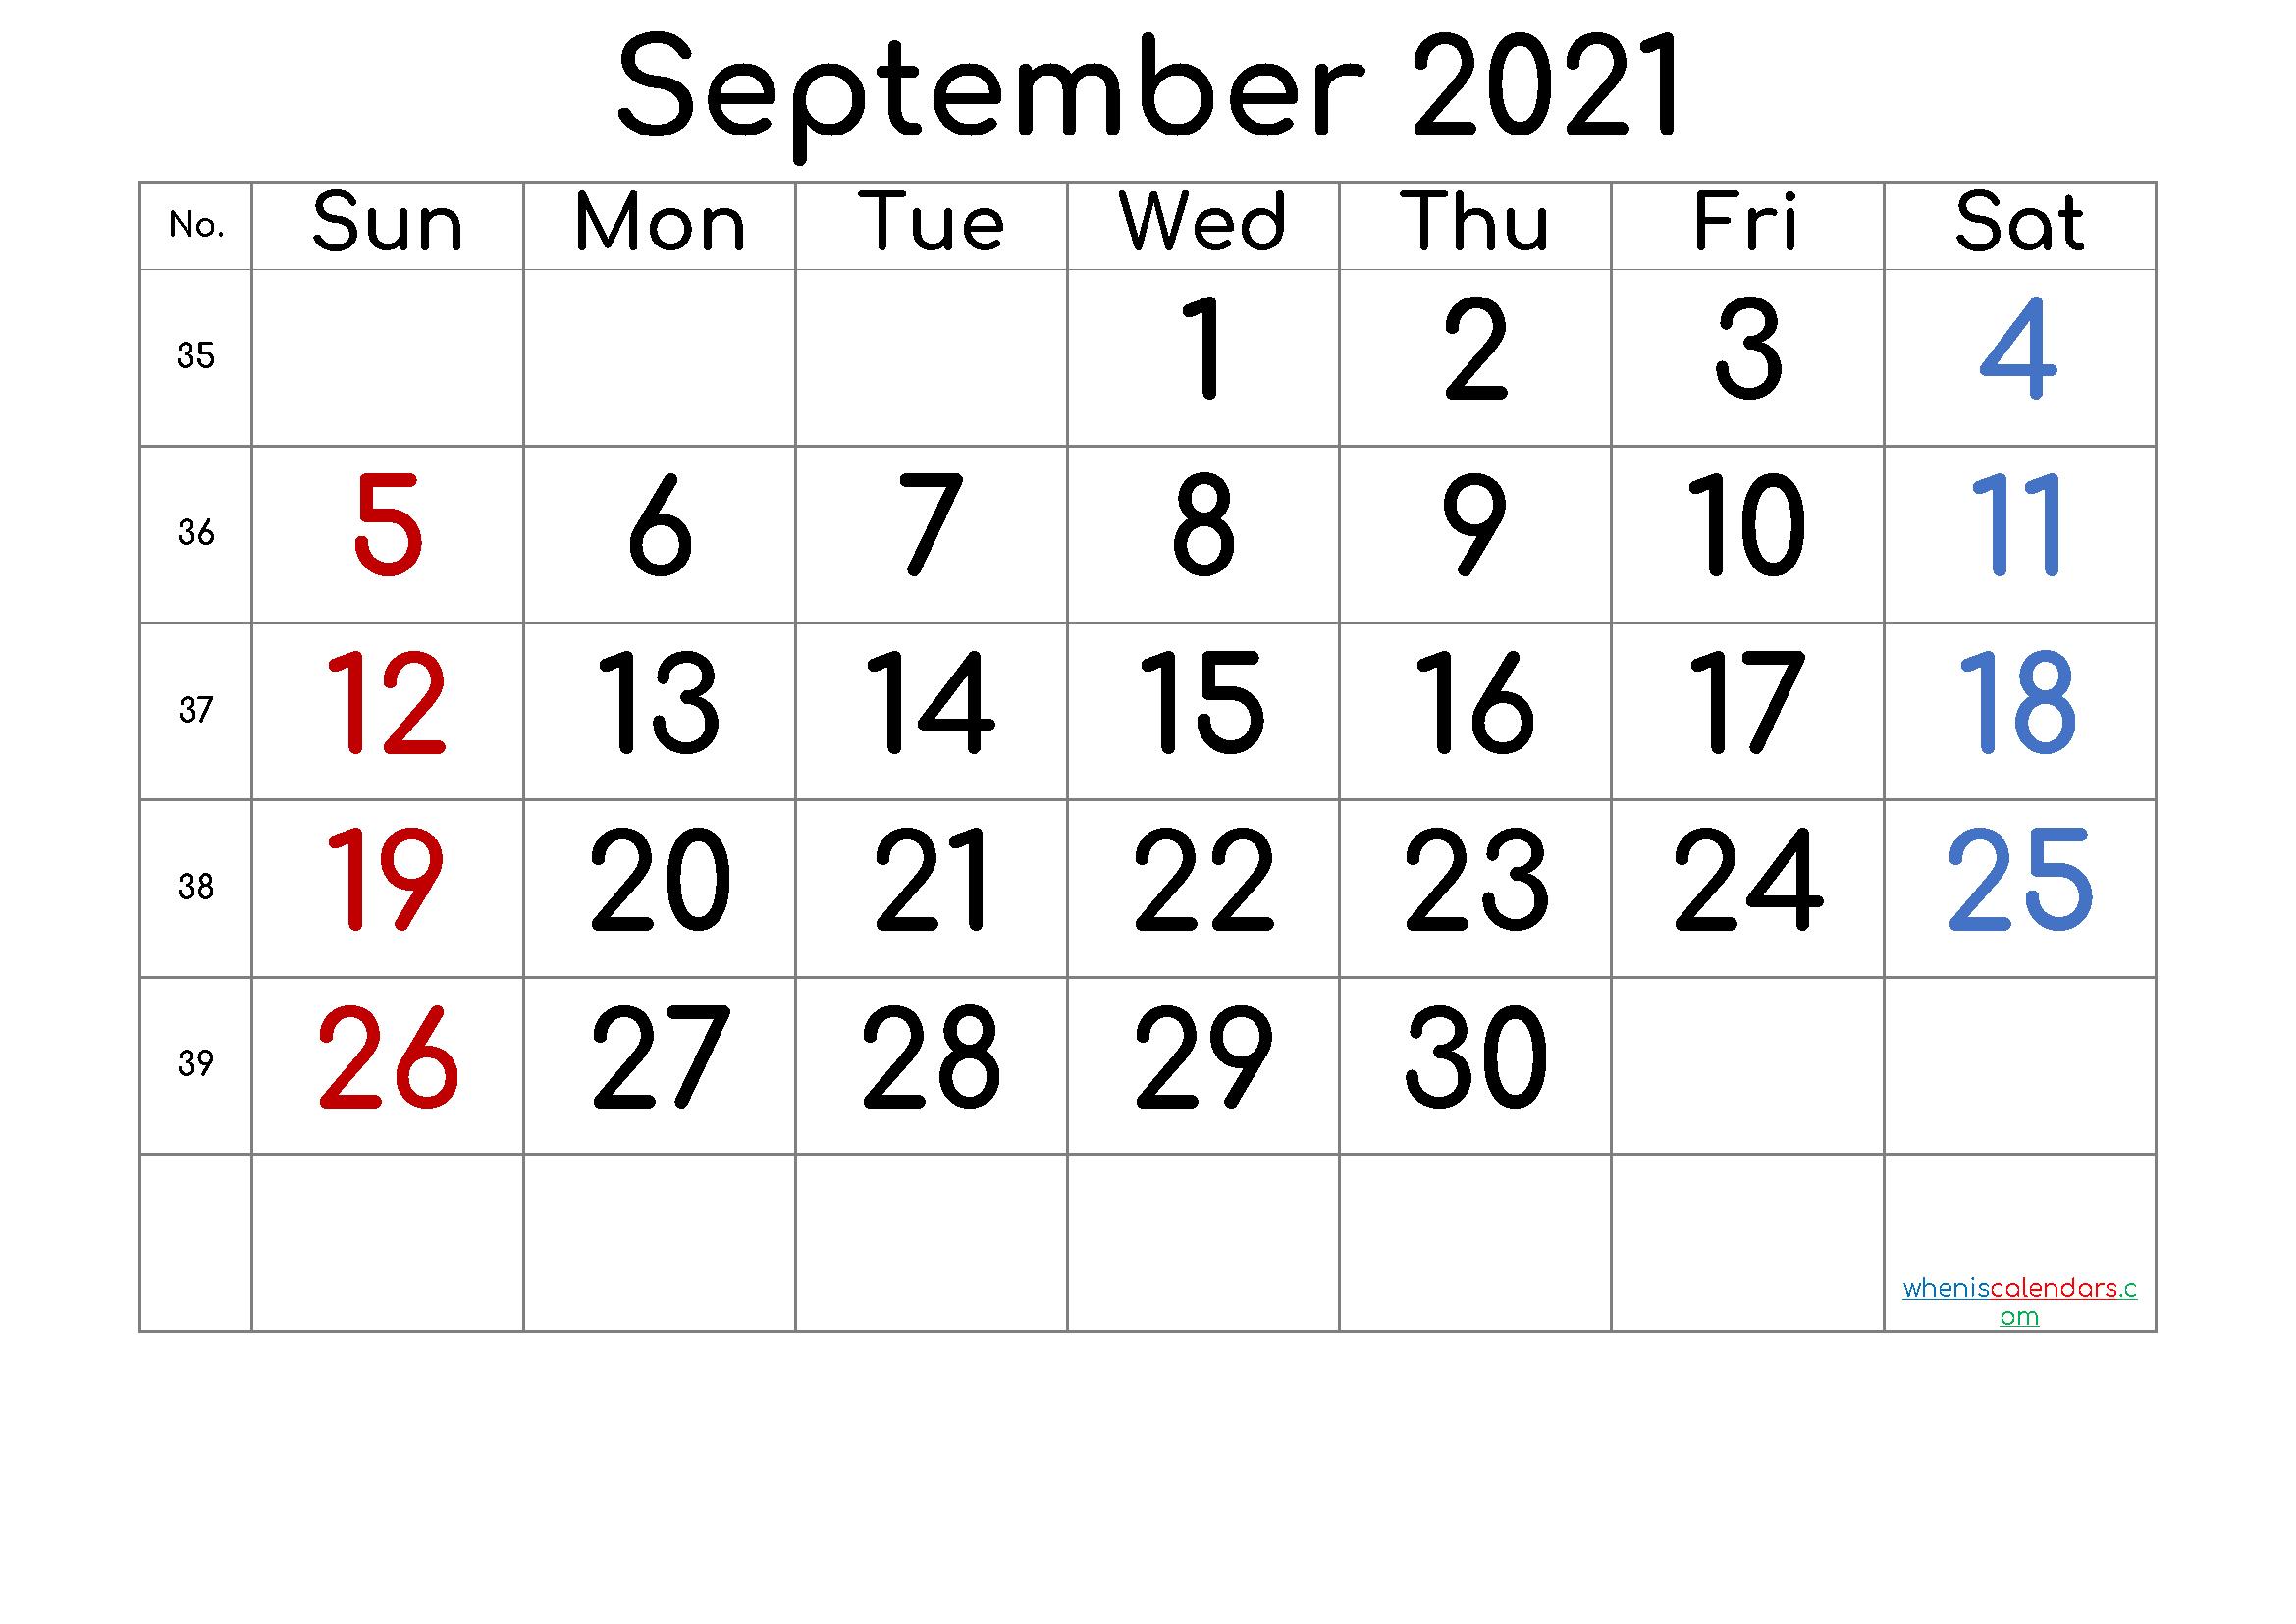 September 2021 Printable Calendar With Week Numbers [Free